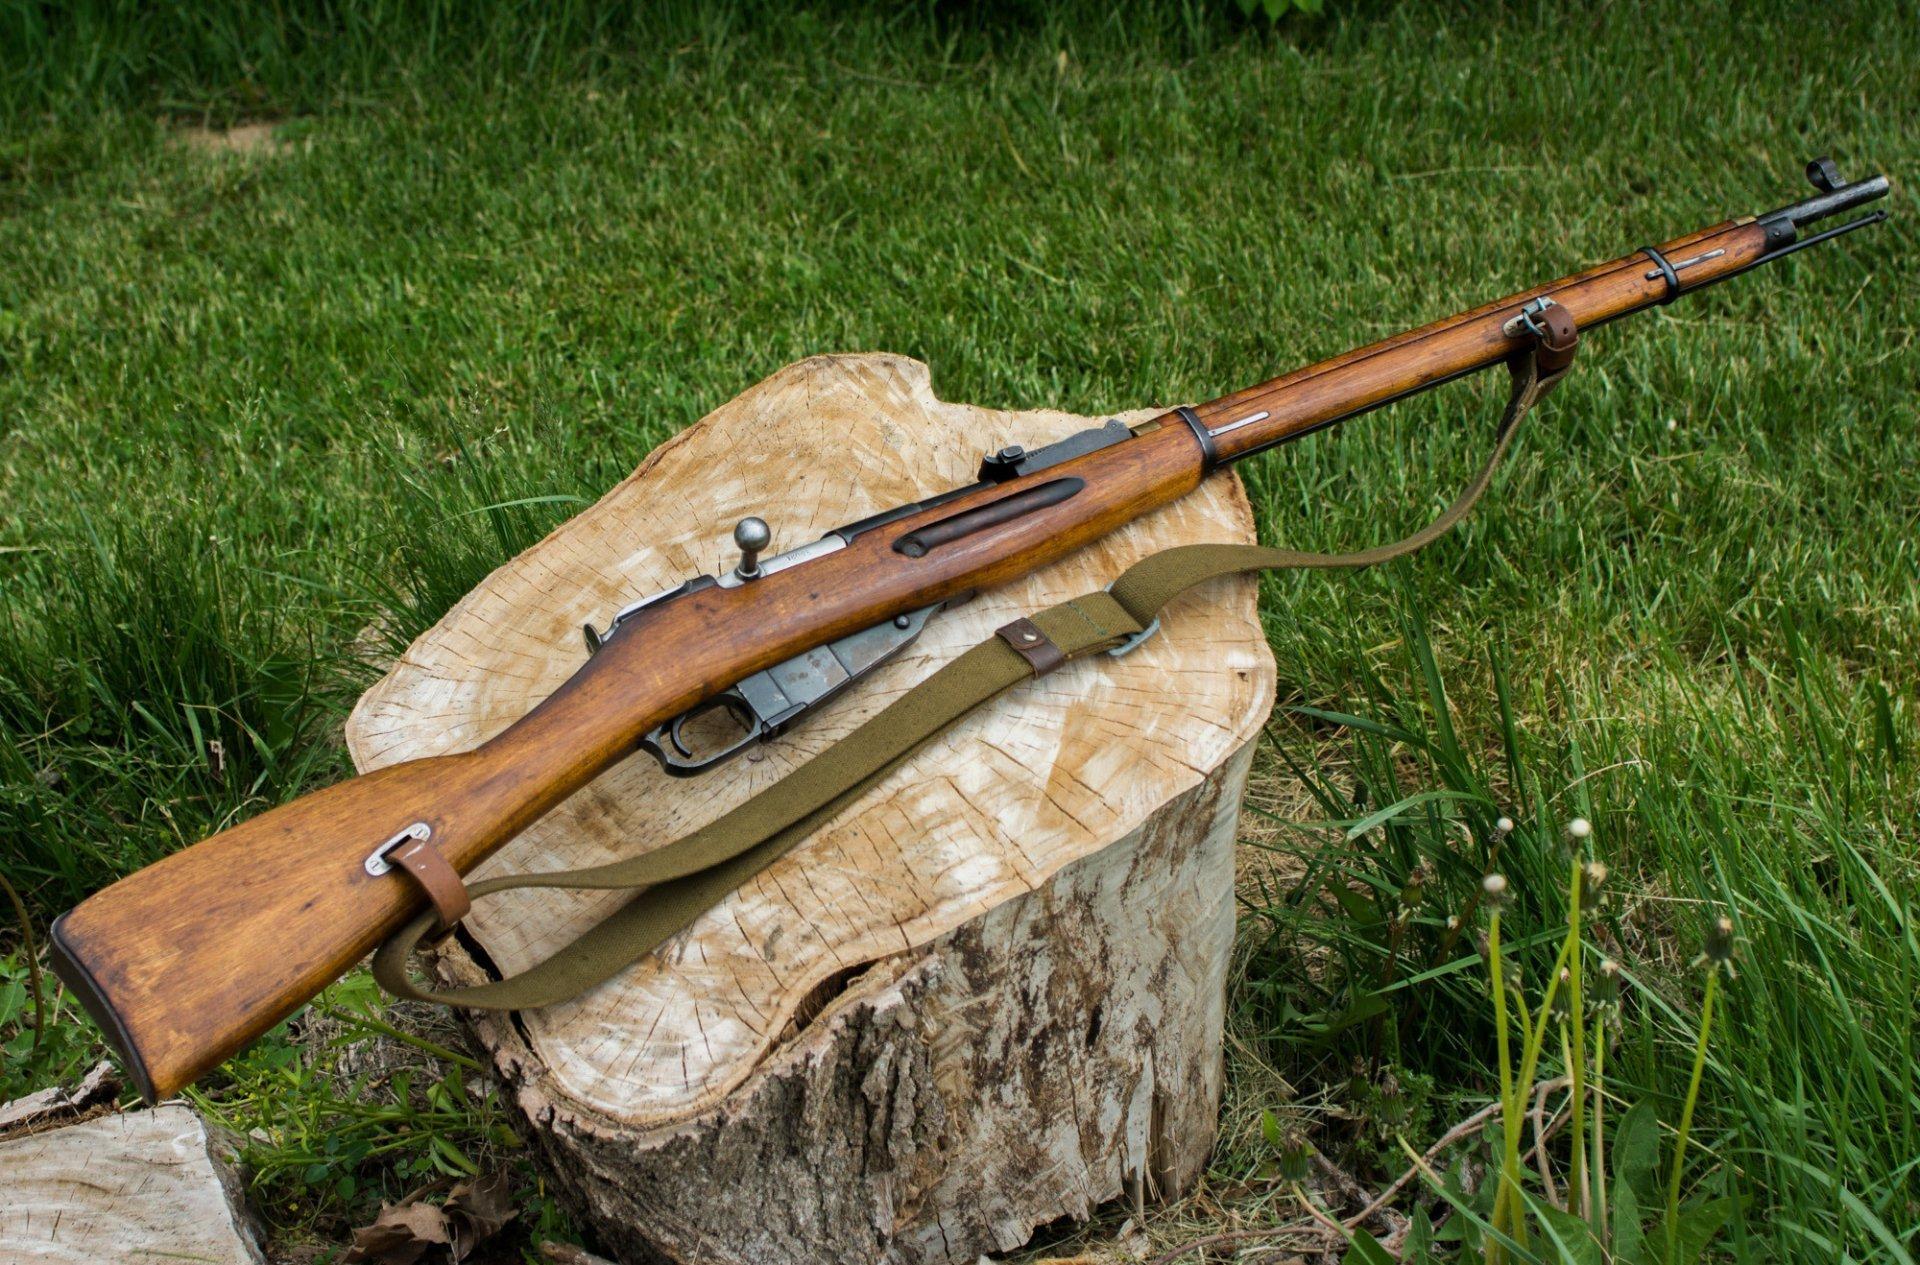 ИзМосквы-реки выловили винтовку спатронами